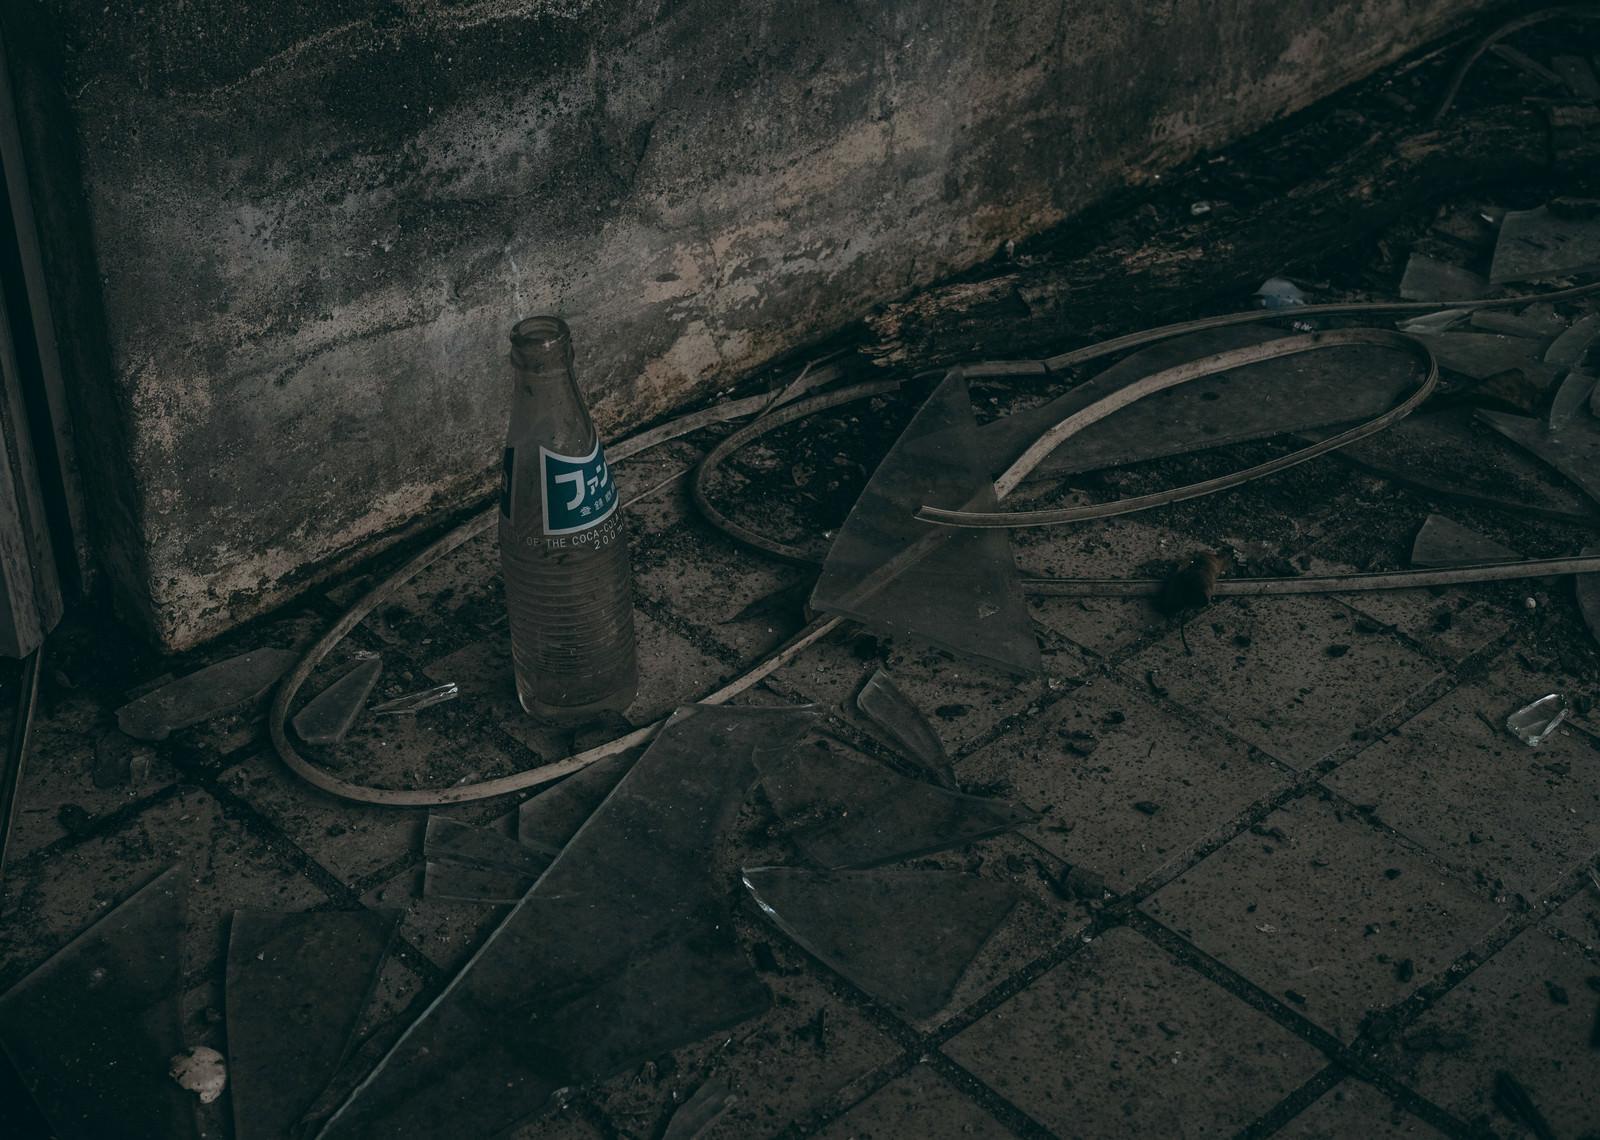 「ガラスが飛散るなか廃墟とジュースの空瓶」の写真